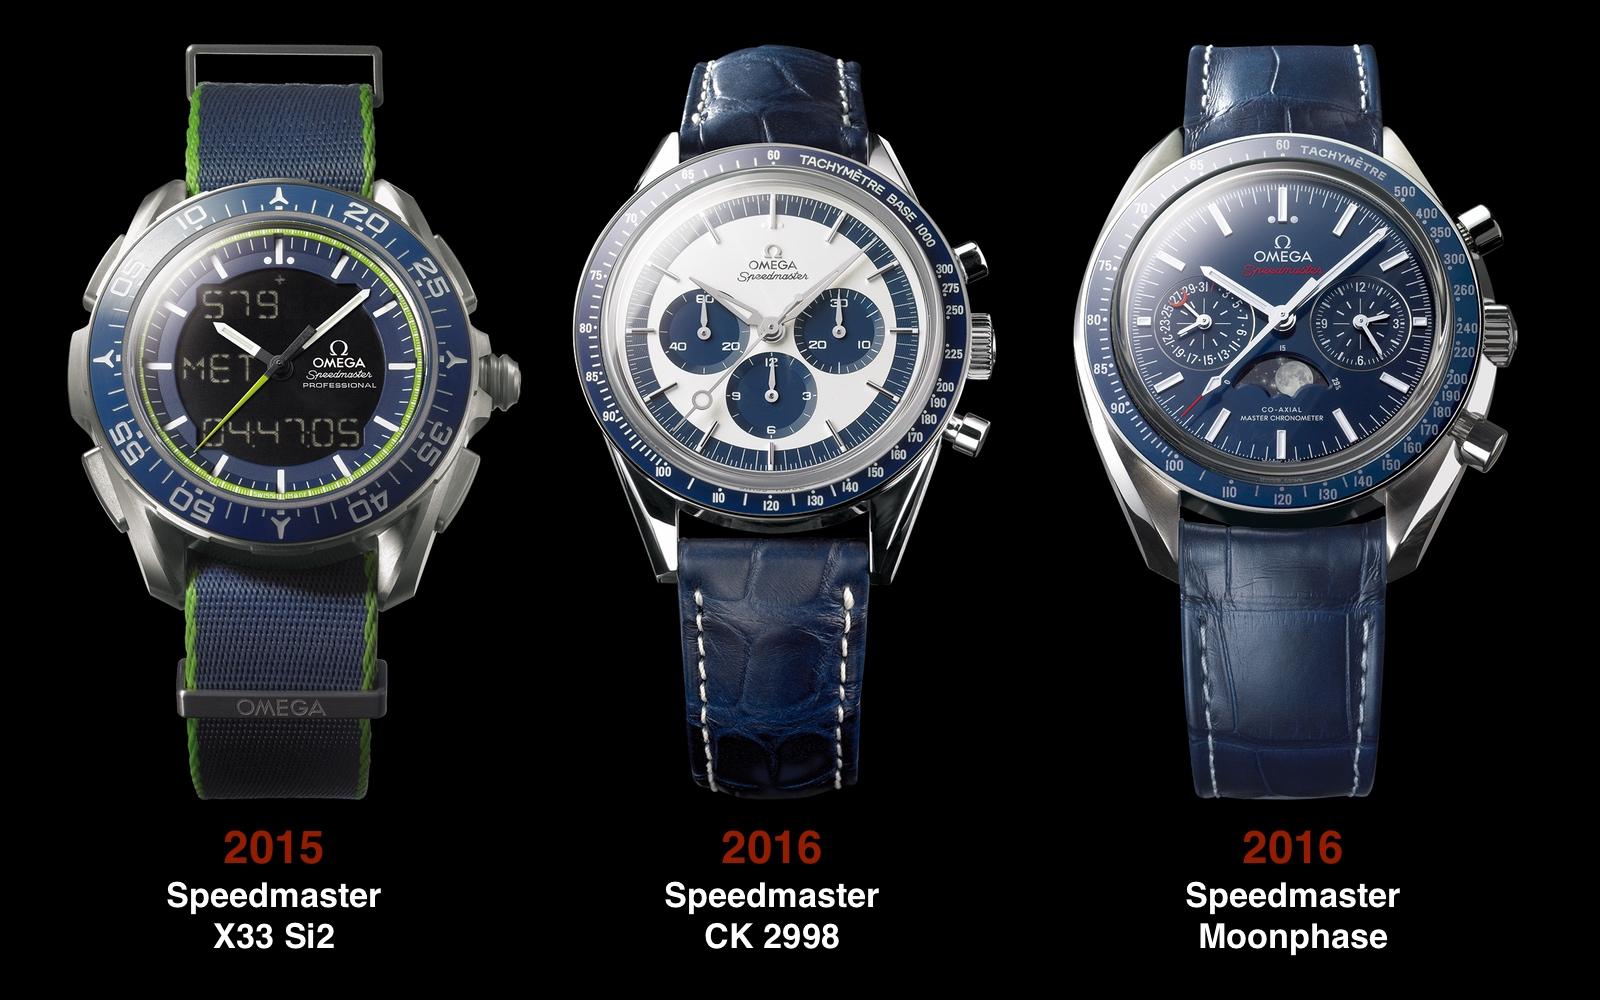 Omega Speedmaster 2015 2016 2016